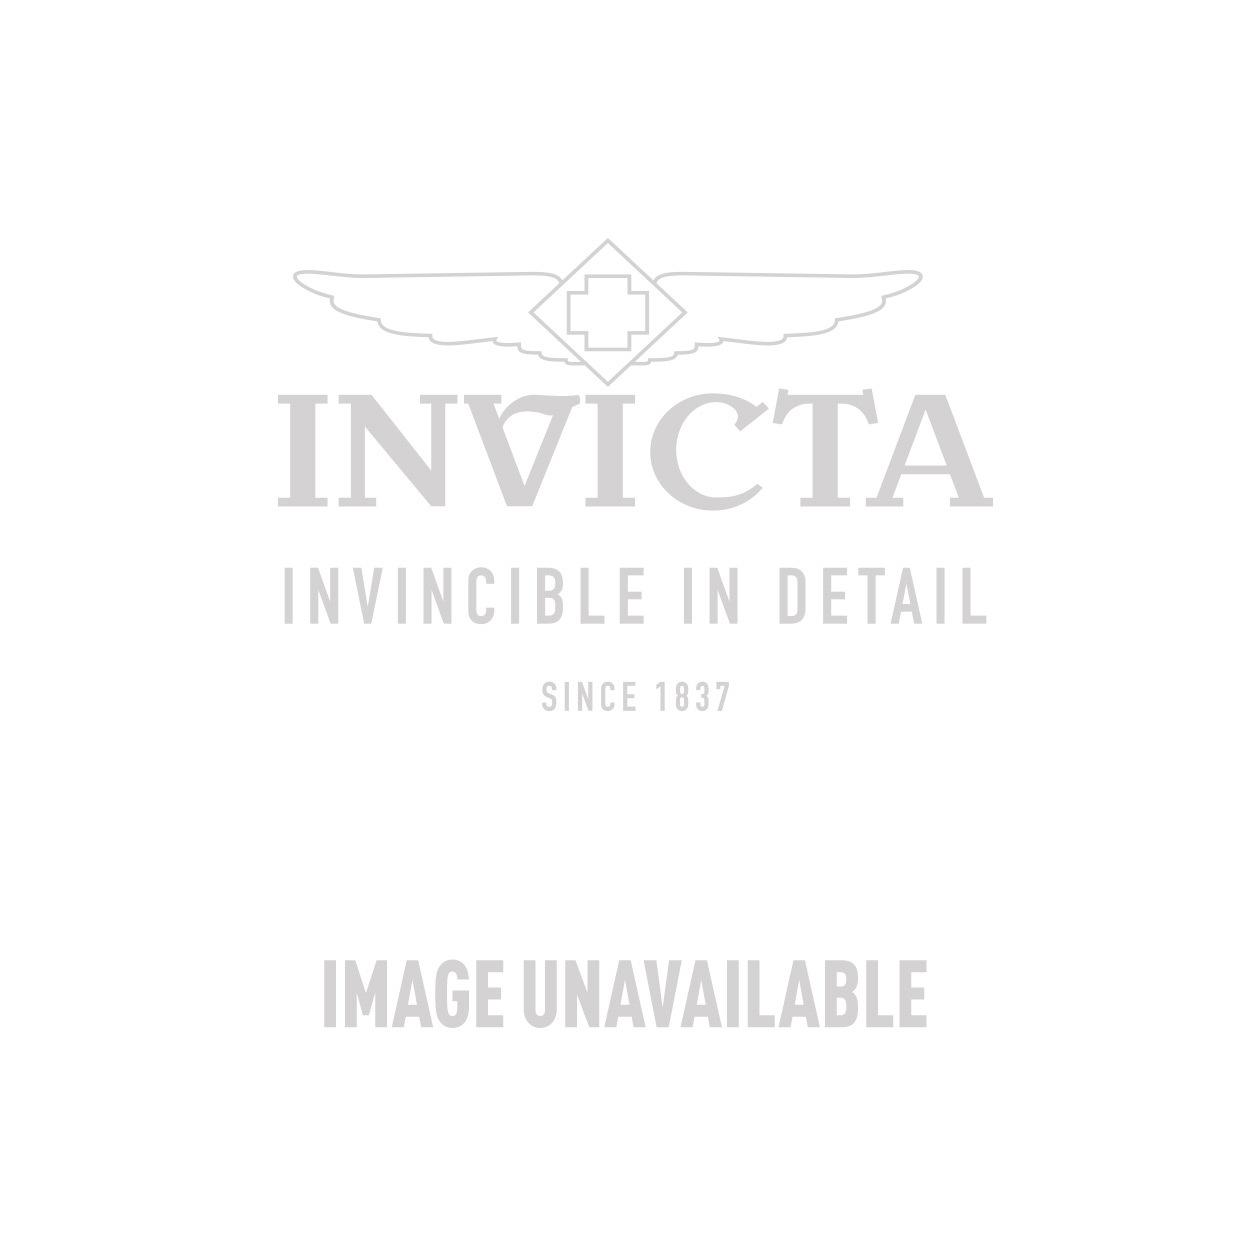 Invicta 21cm Men's Bracelets in Orange - Model J0207